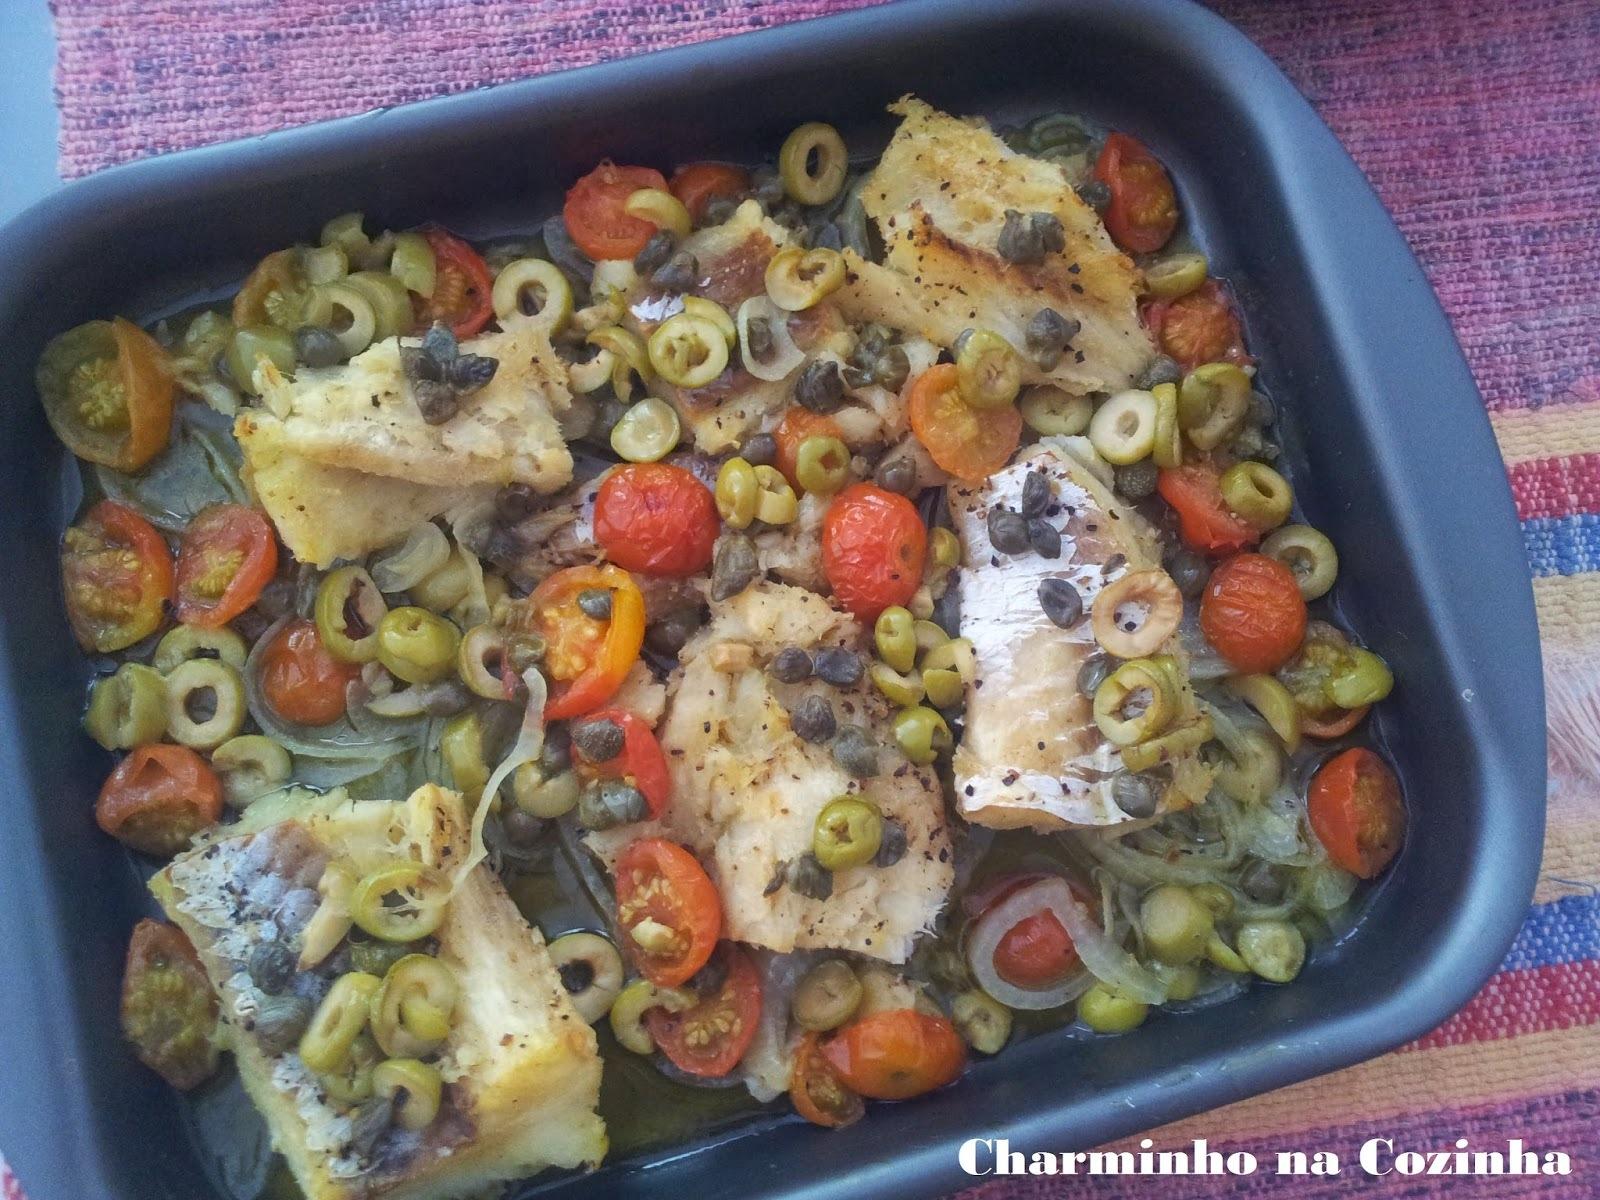 Bacalhau ao forno com alcaparras, azeitonas e tomatinhos